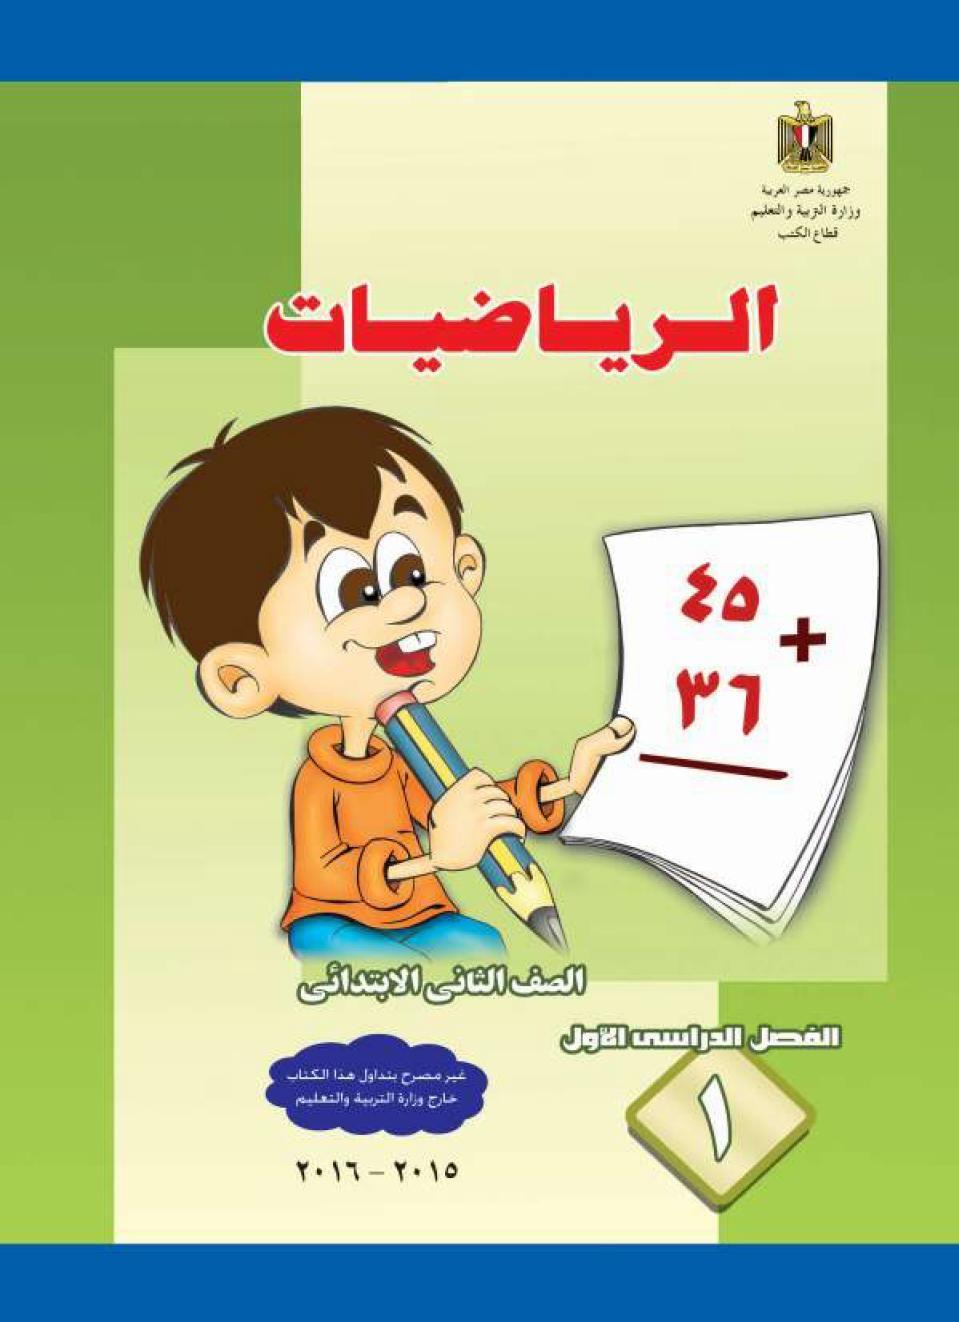 كتاب الرياضيات للصف الثانى الإبتدائي الترم الأول والثاني 2019